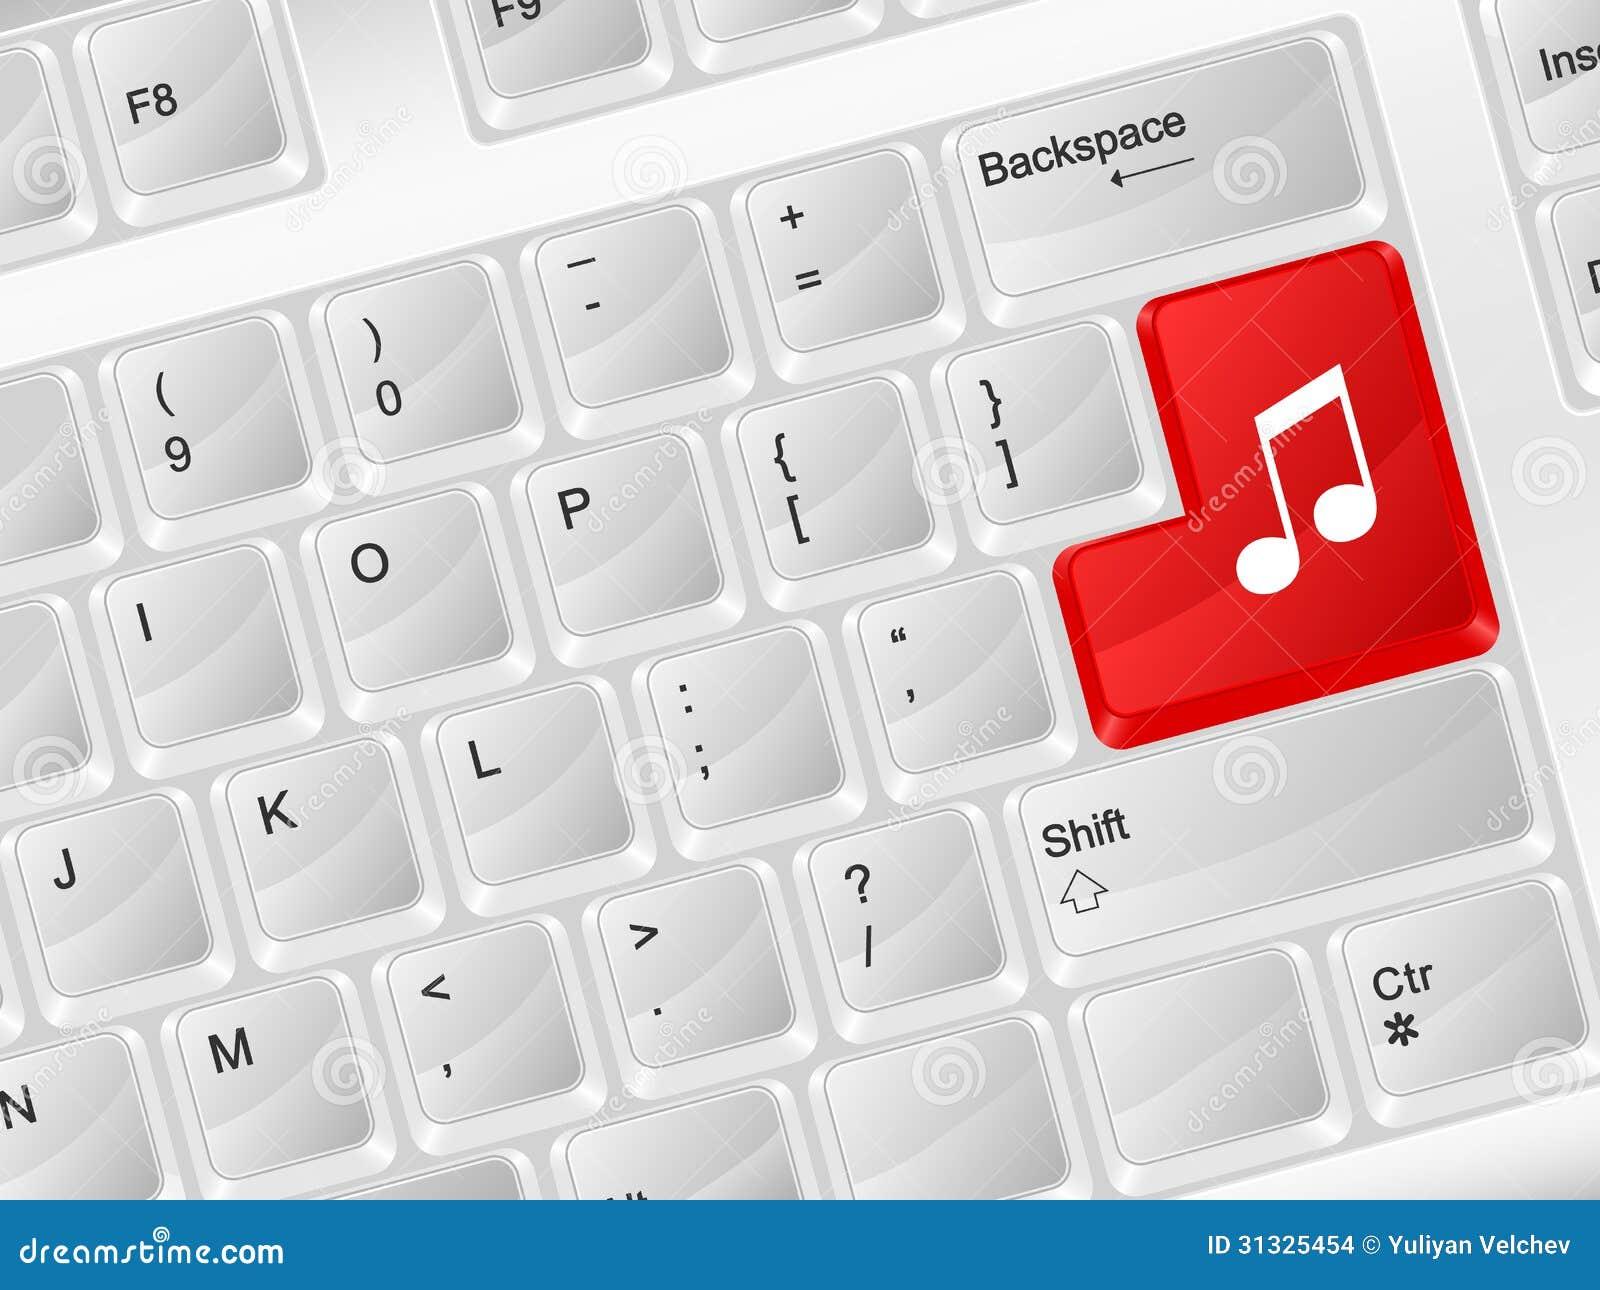 Símbolo De Música Do Teclado De Computador Ilustração Do Vetor